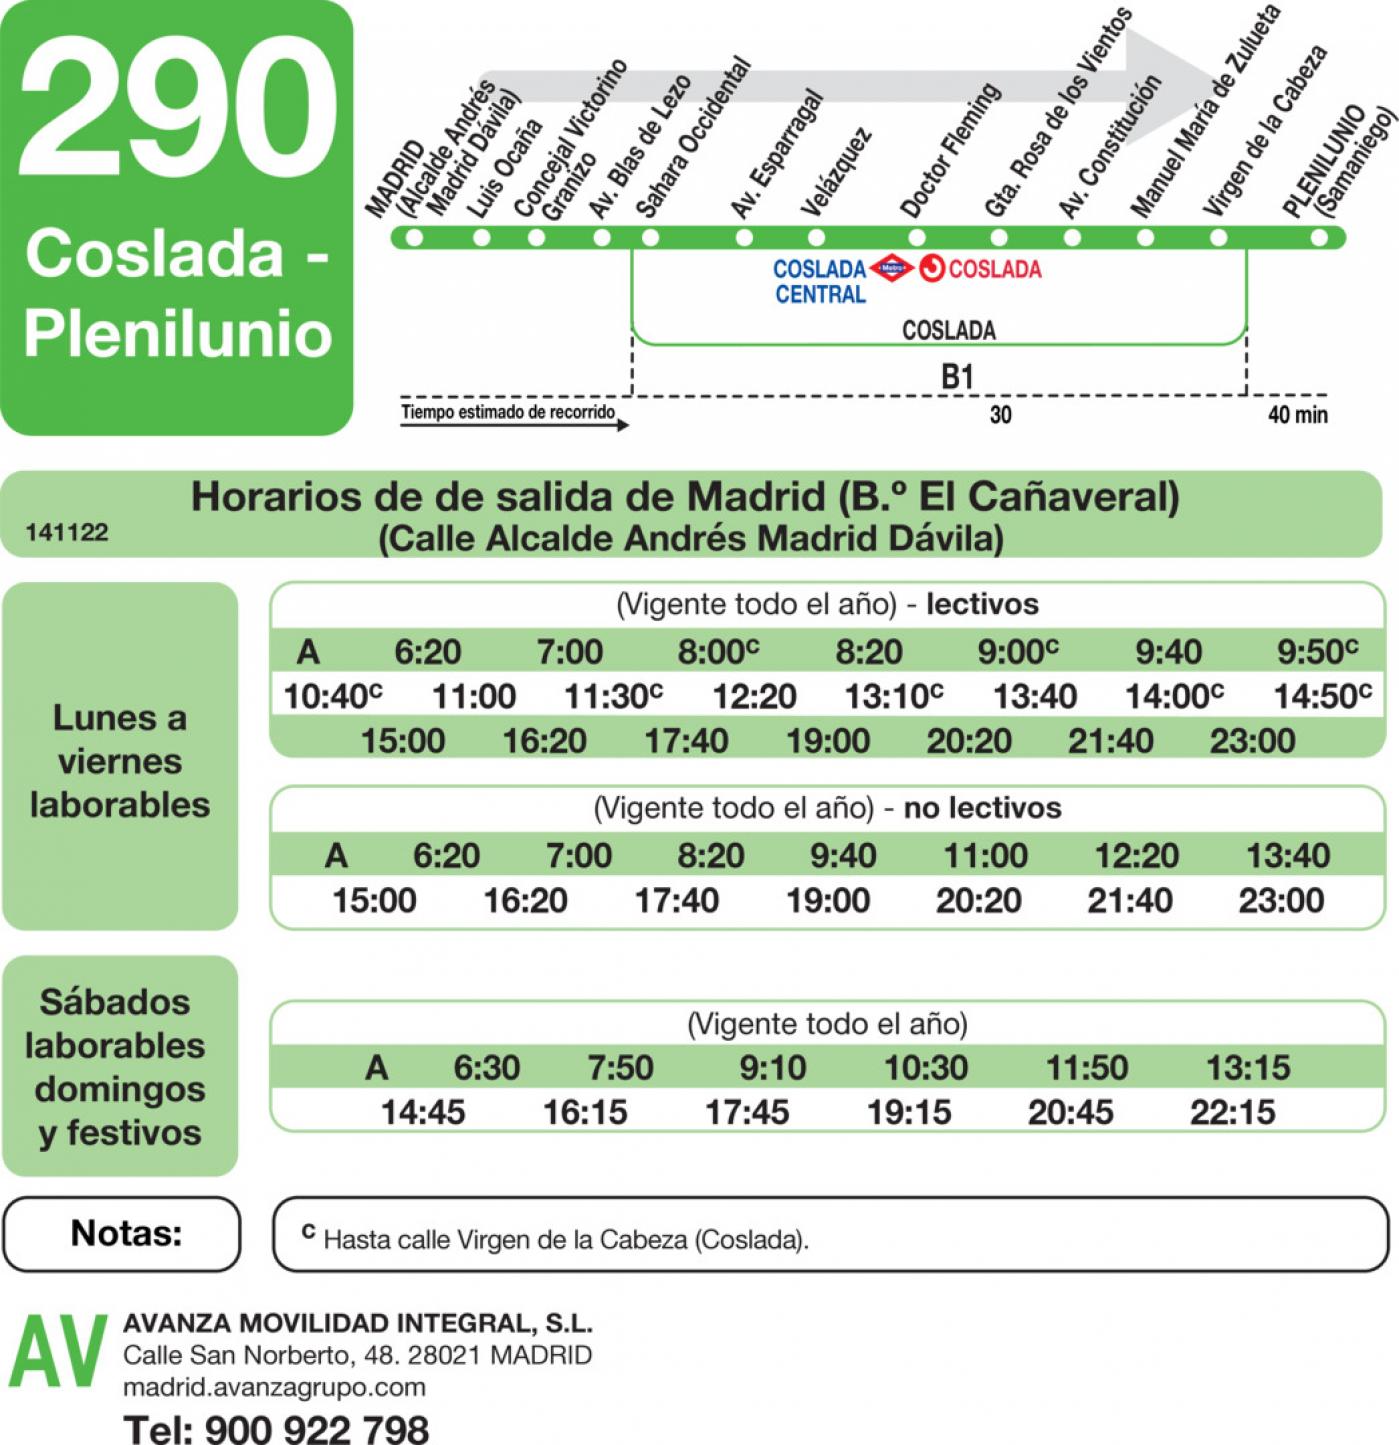 Tabla de horarios y frecuencias de paso en sentido ida Línea 290: Madrid (El Cañaveral) - Coslada (Plenilunio)